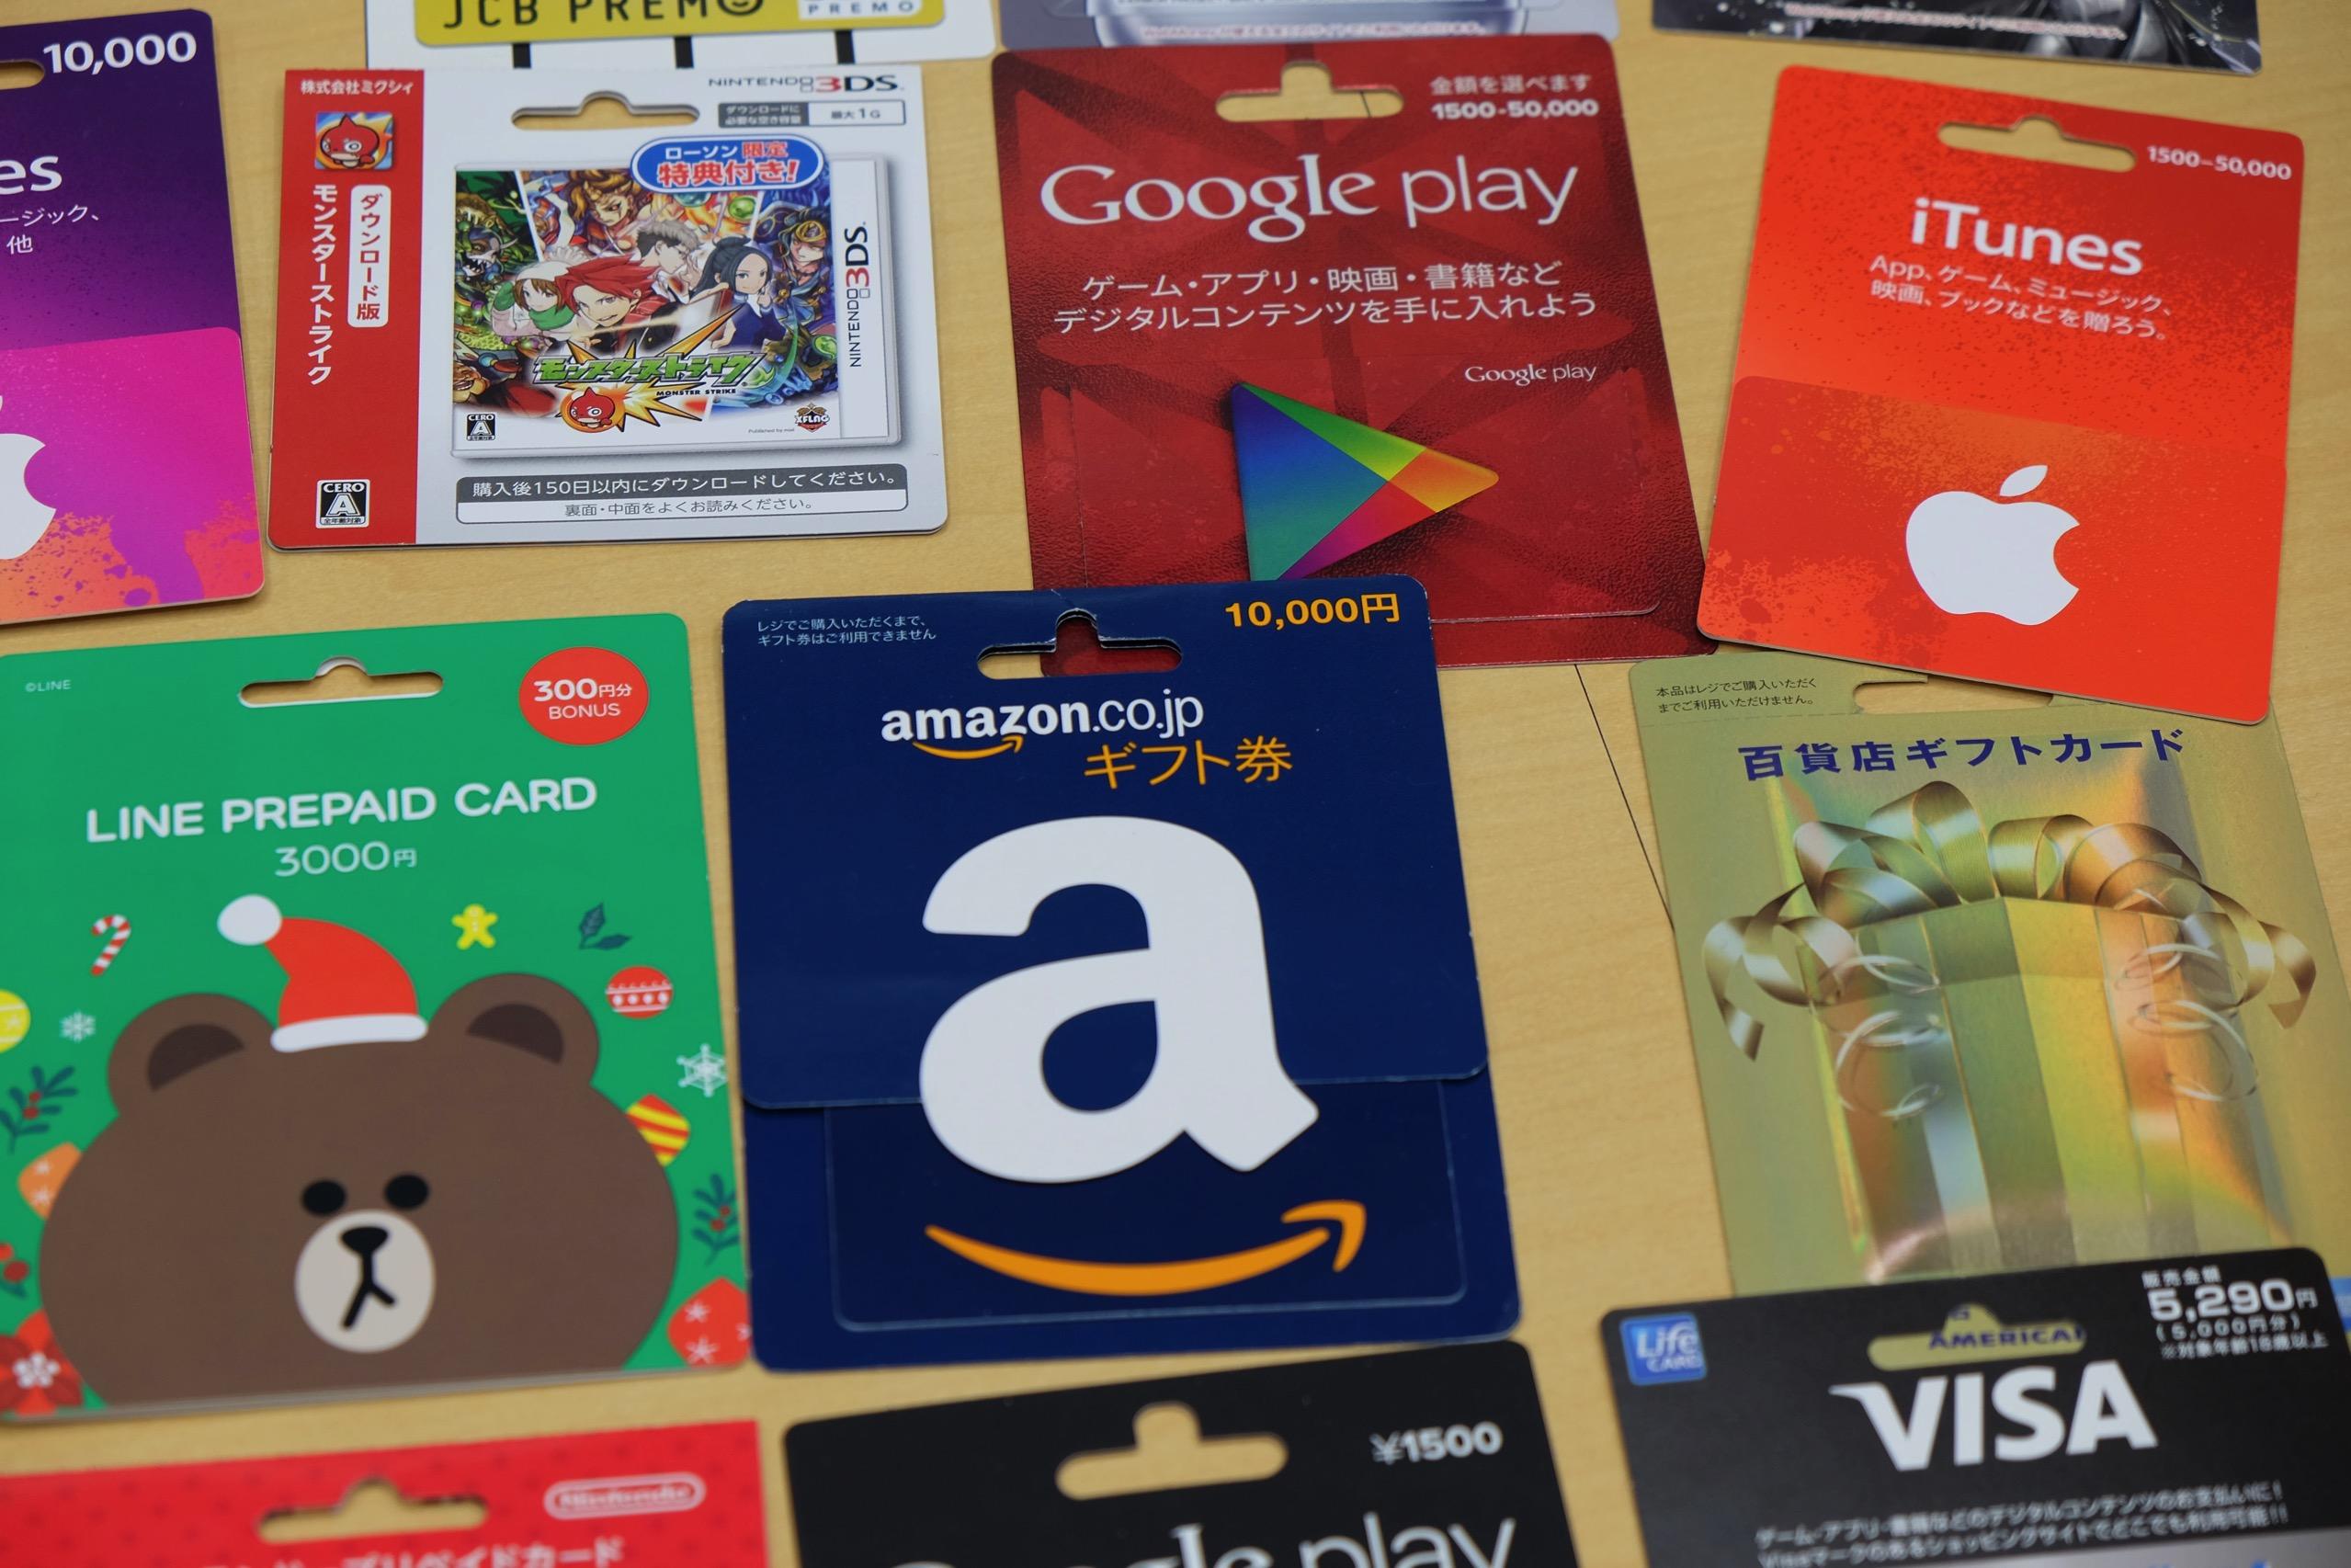 Lawson prepaid card 8265